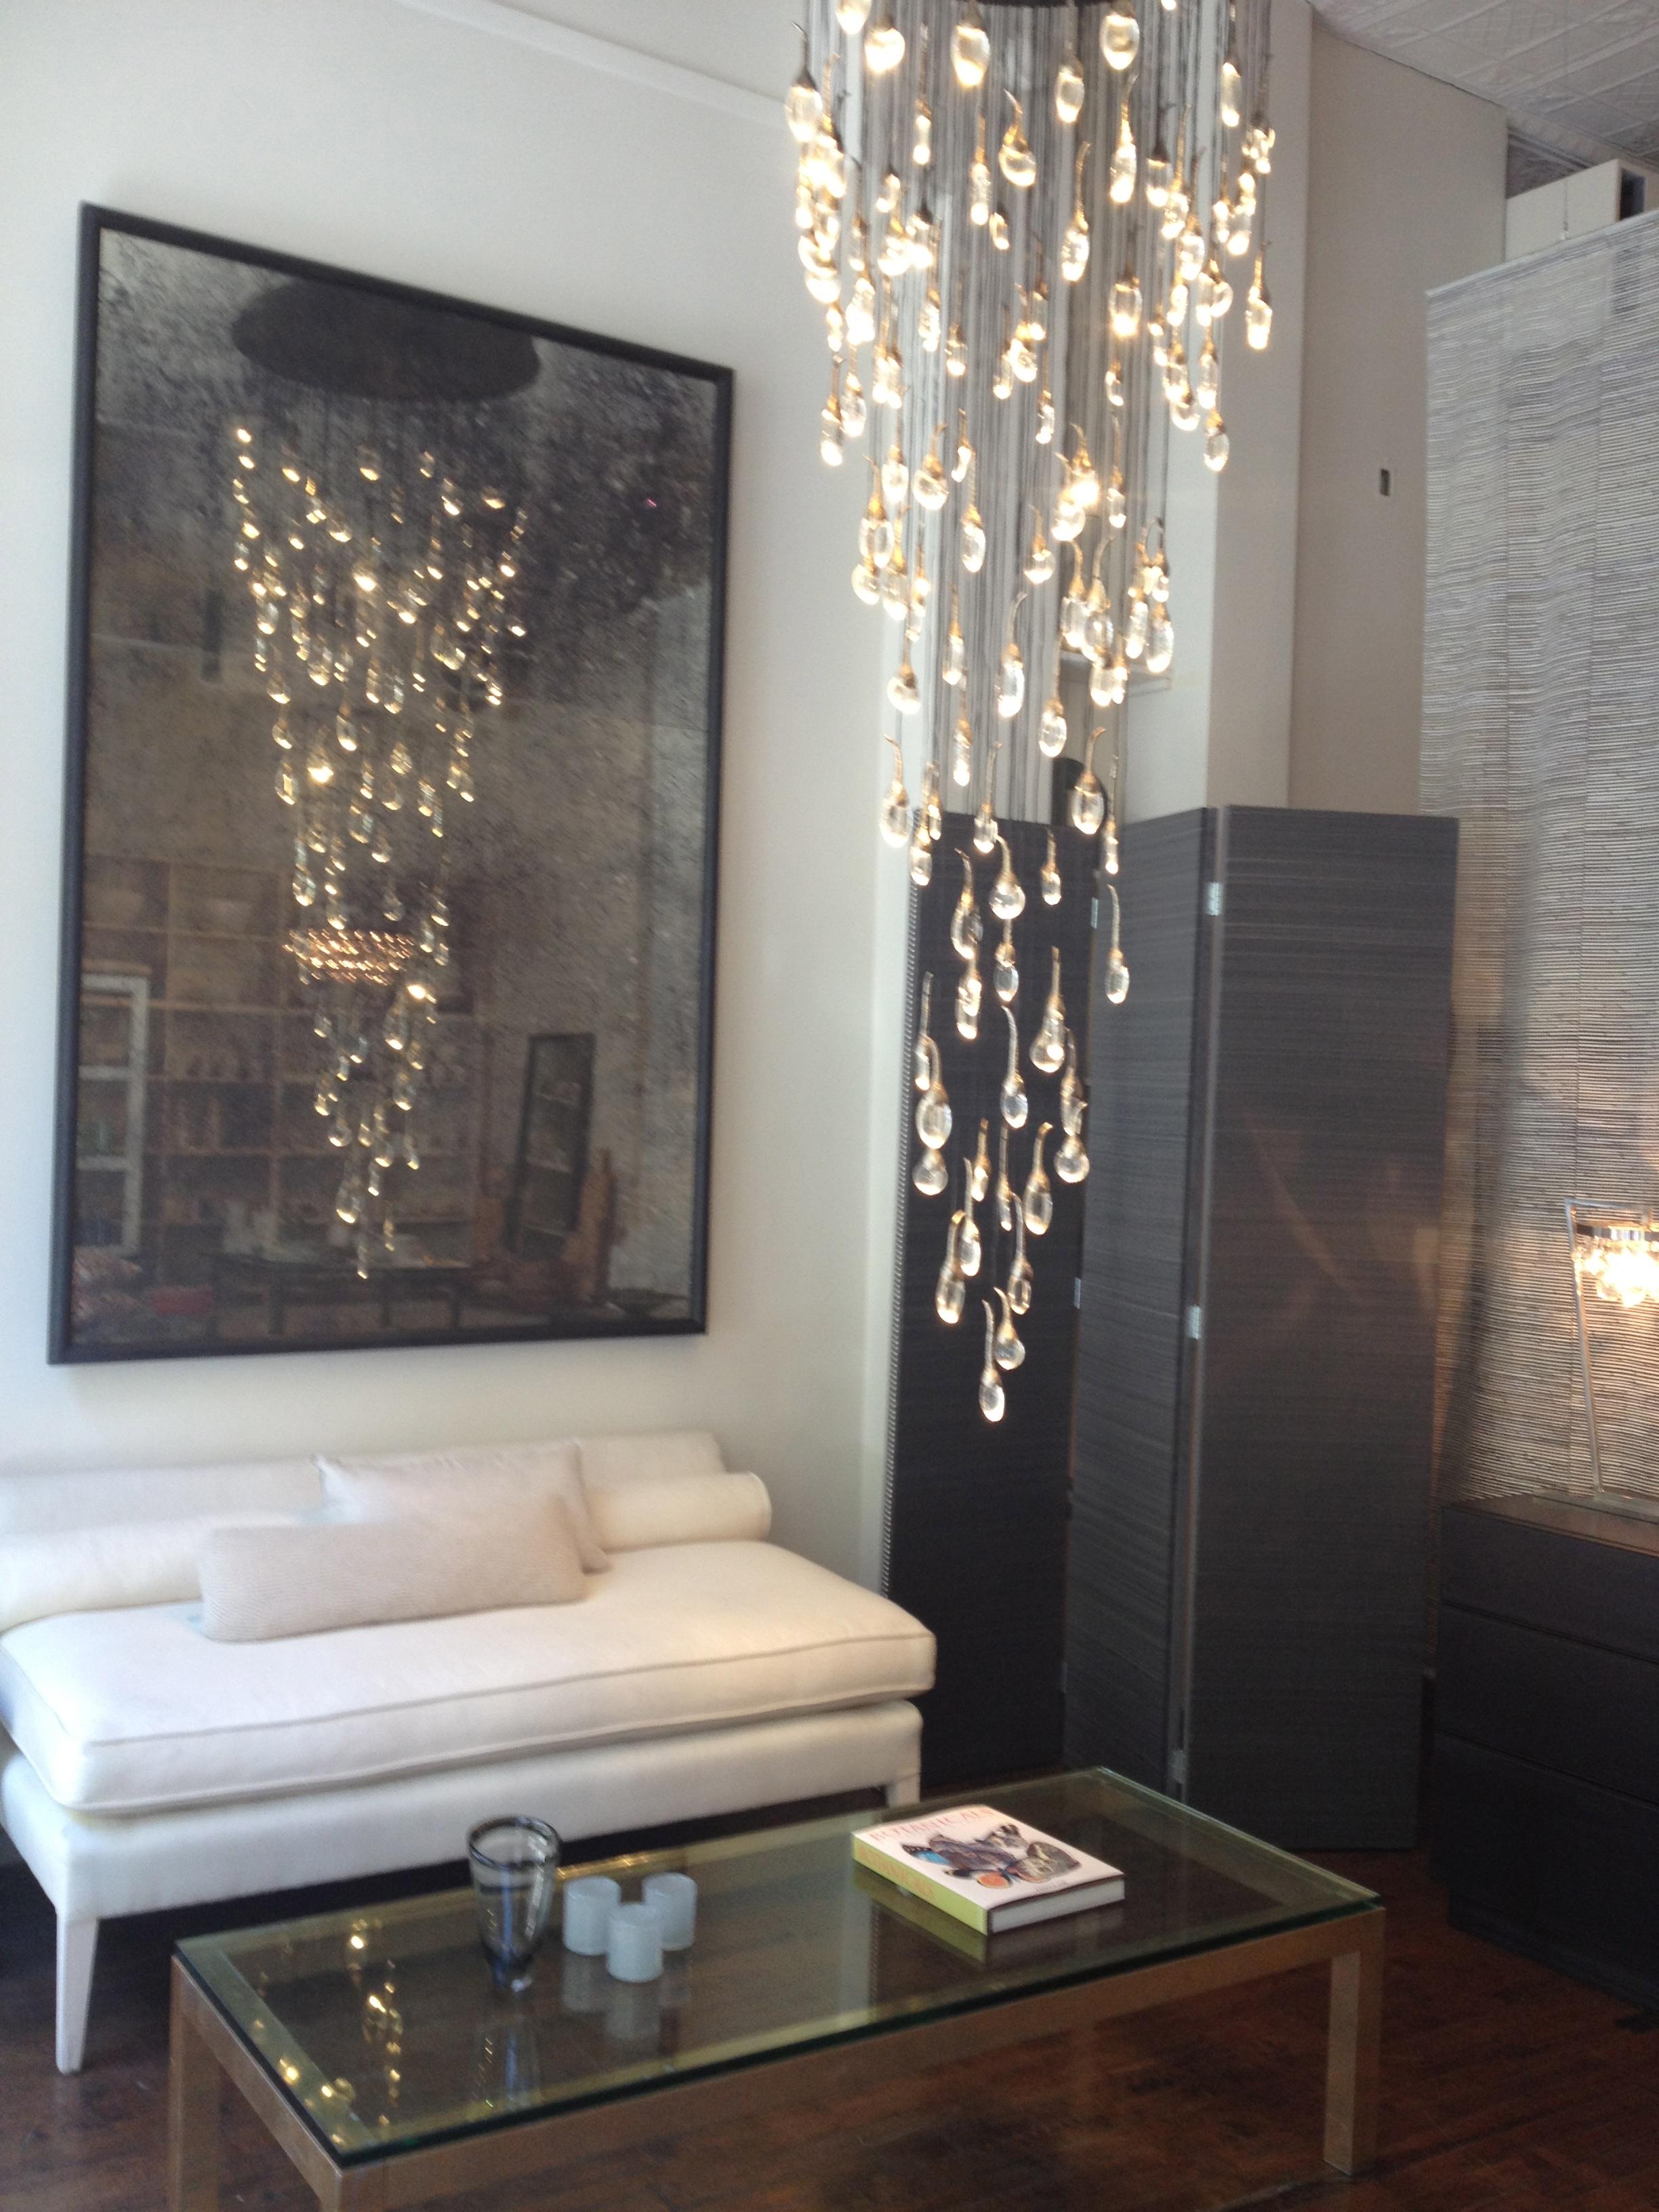 LED droplet chandelier